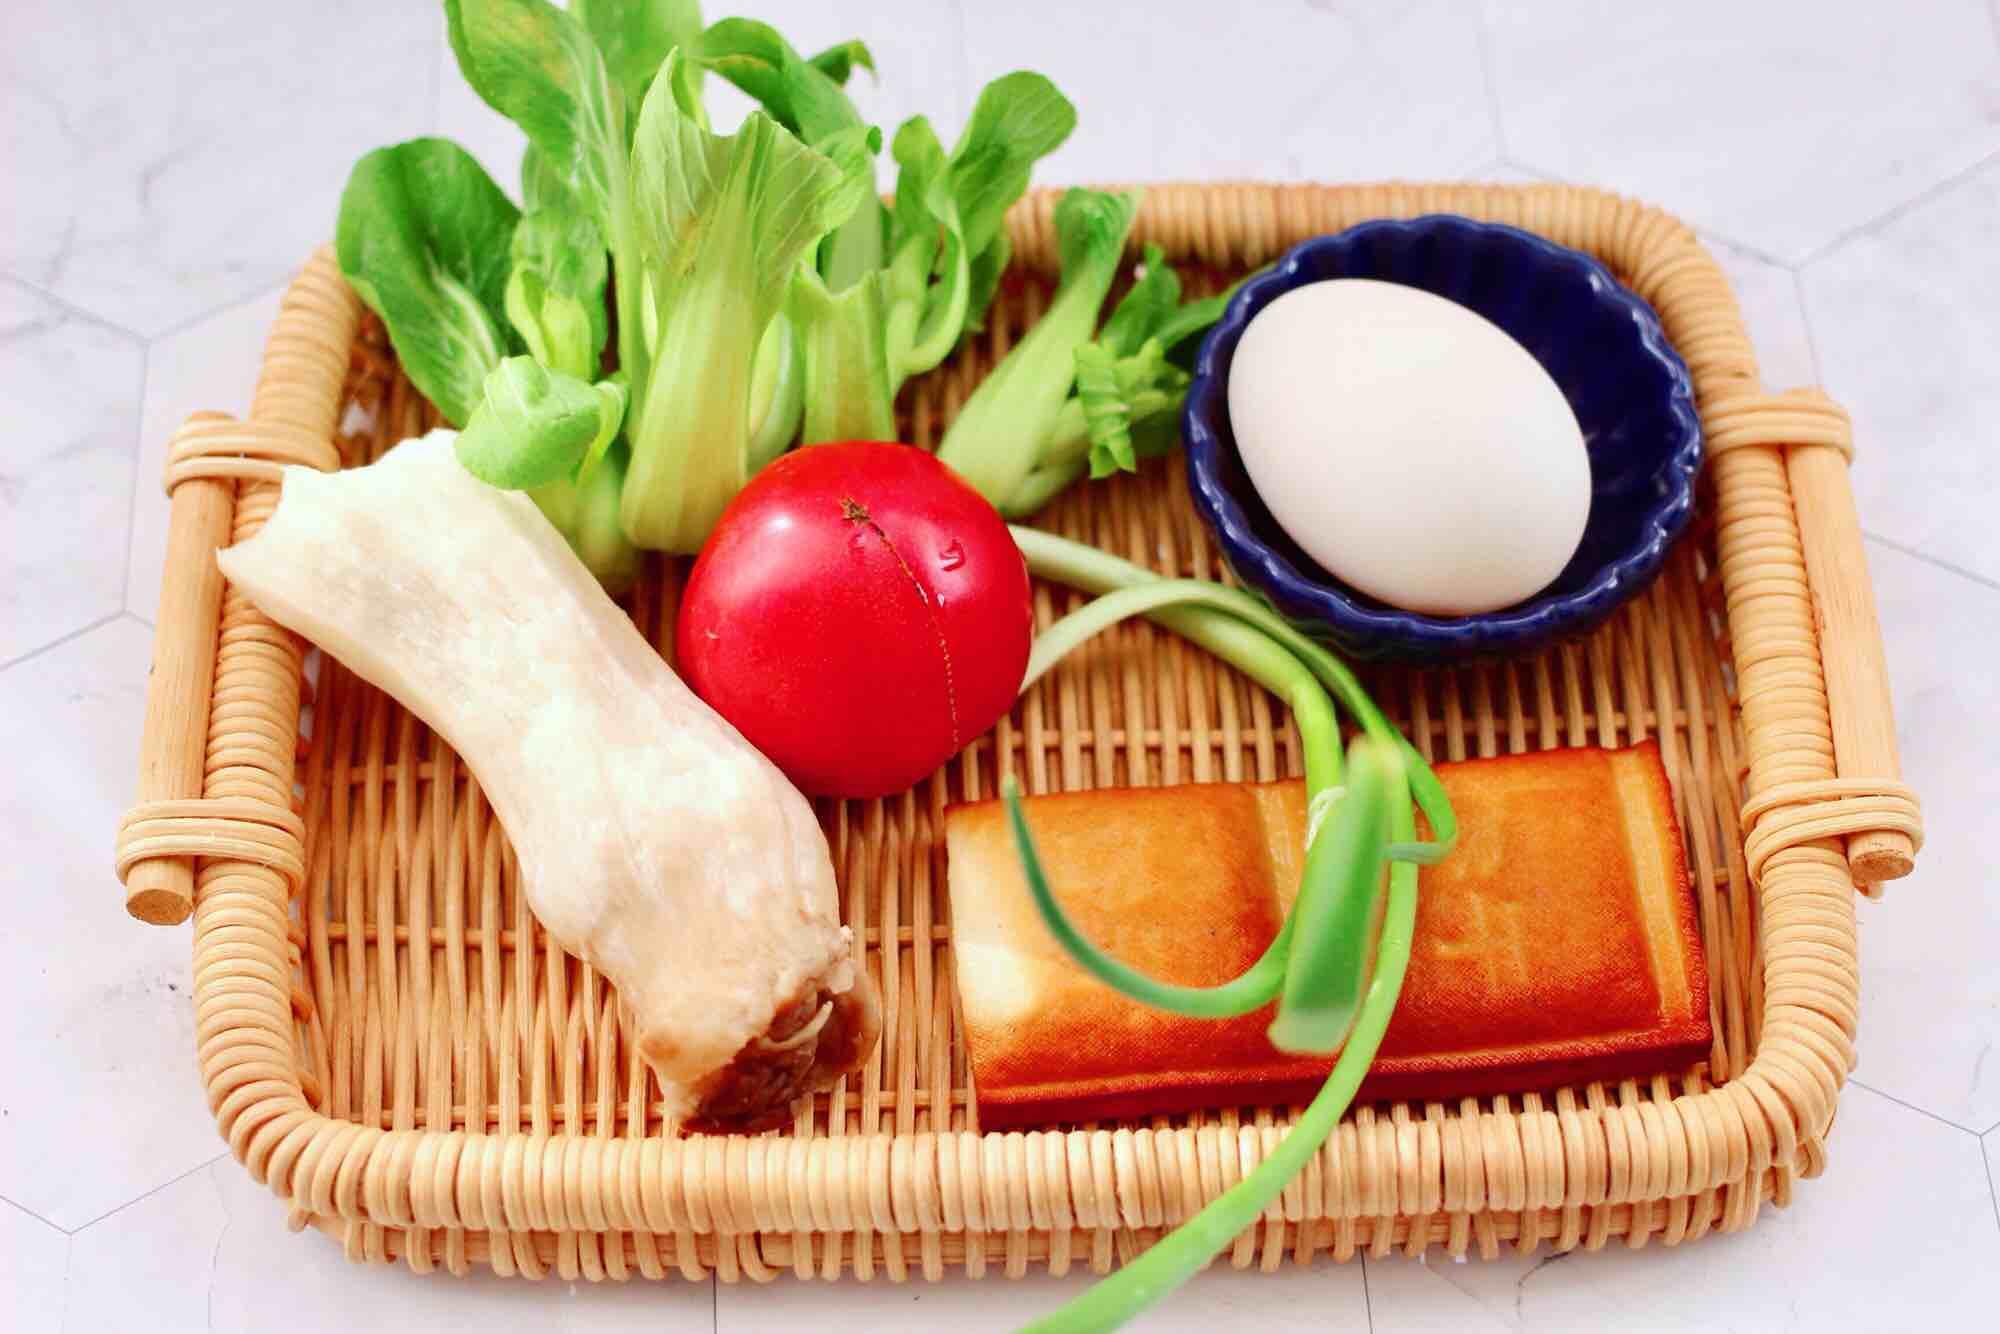 鹅蛋番茄时蔬彩色贝壳面的做法大全